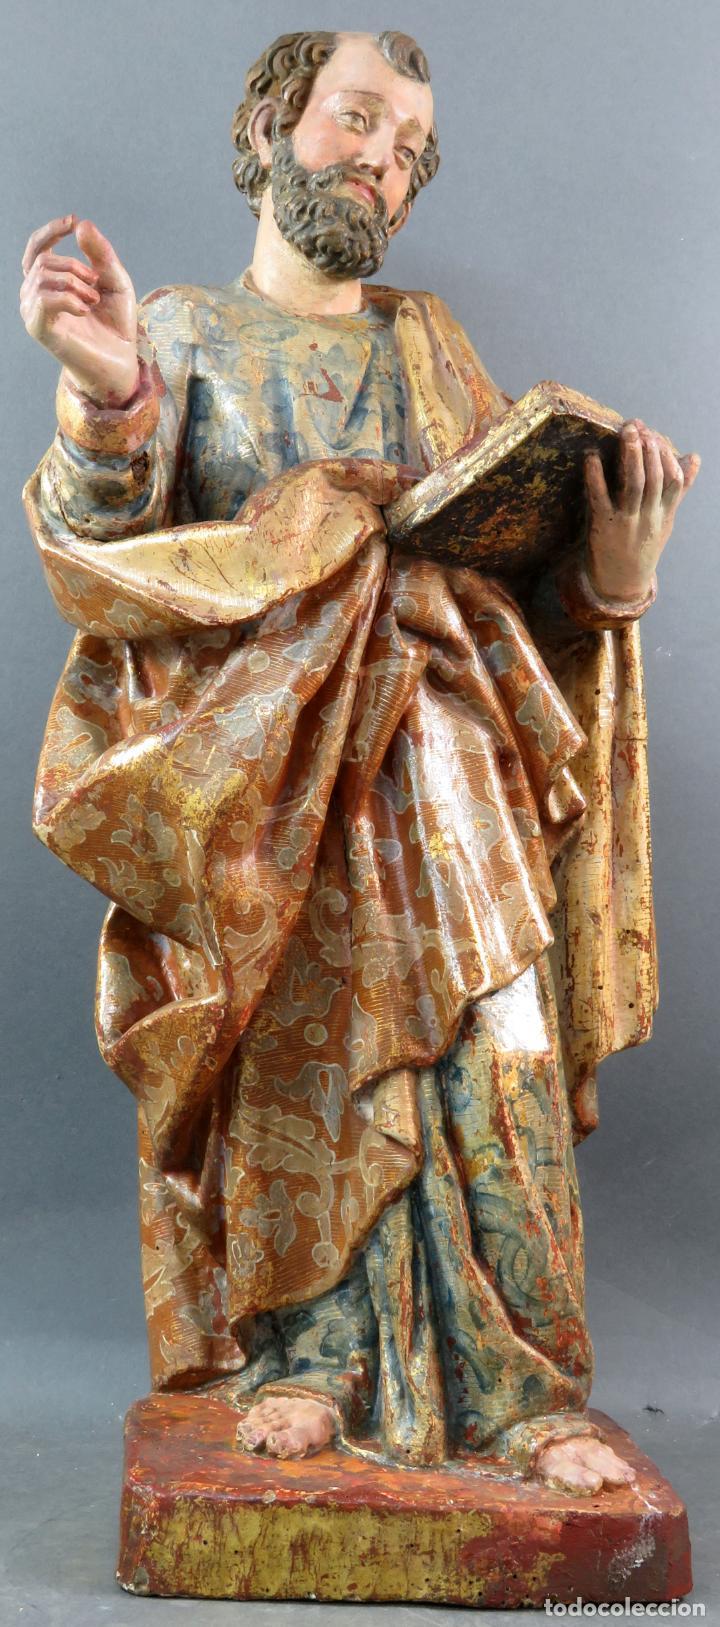 Arte: Talla San Pedro en madera estofada dorada y policromada seguidor de Gregorio Fernandez siglo XVI - Foto 2 - 159655938